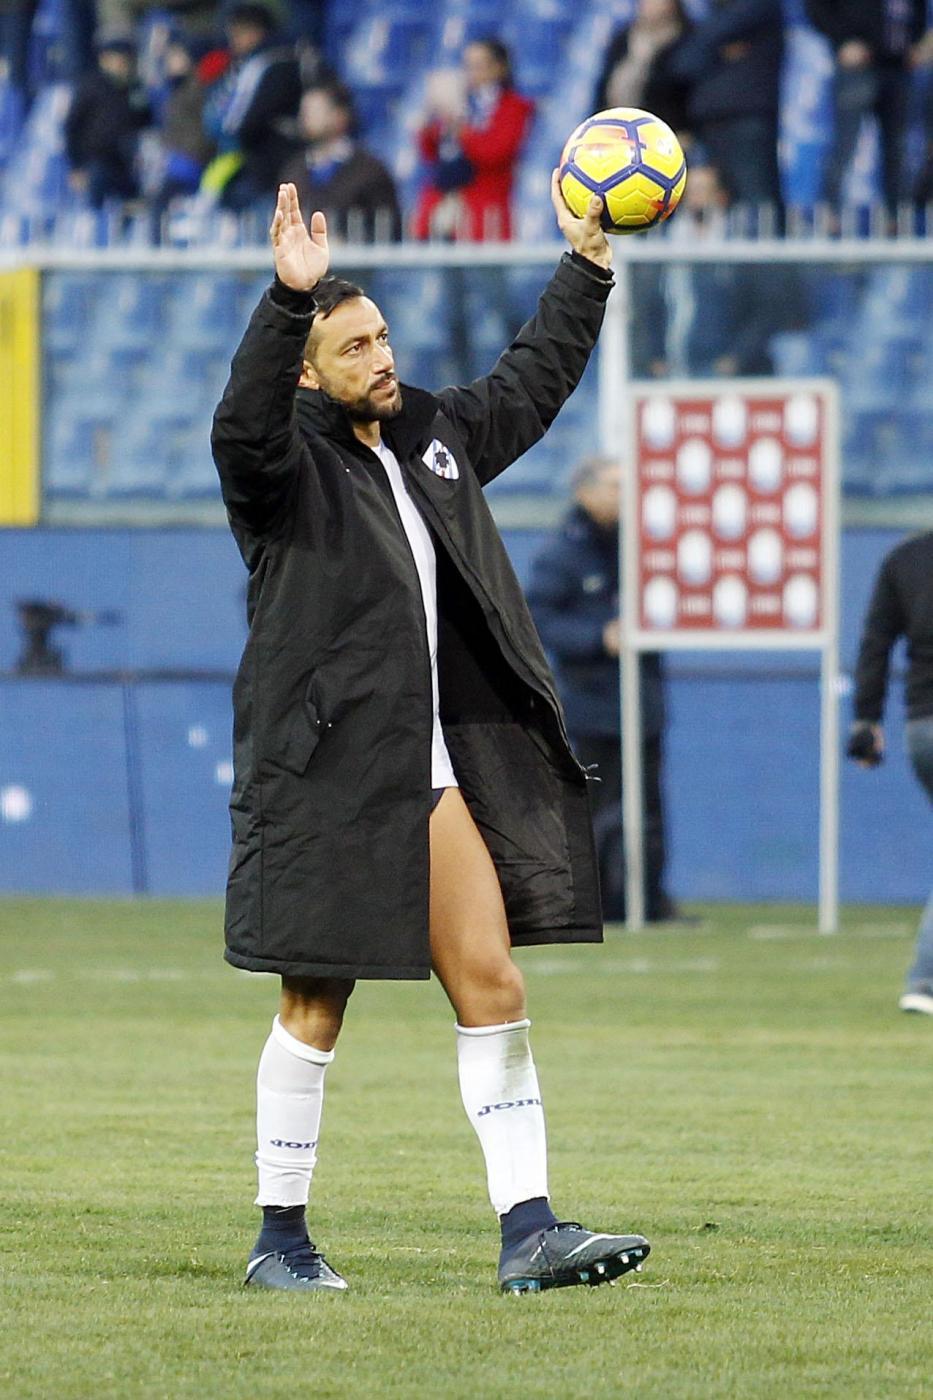 Quagliarella col pallone in mano: con i tre gol segnati se lo porta a casa